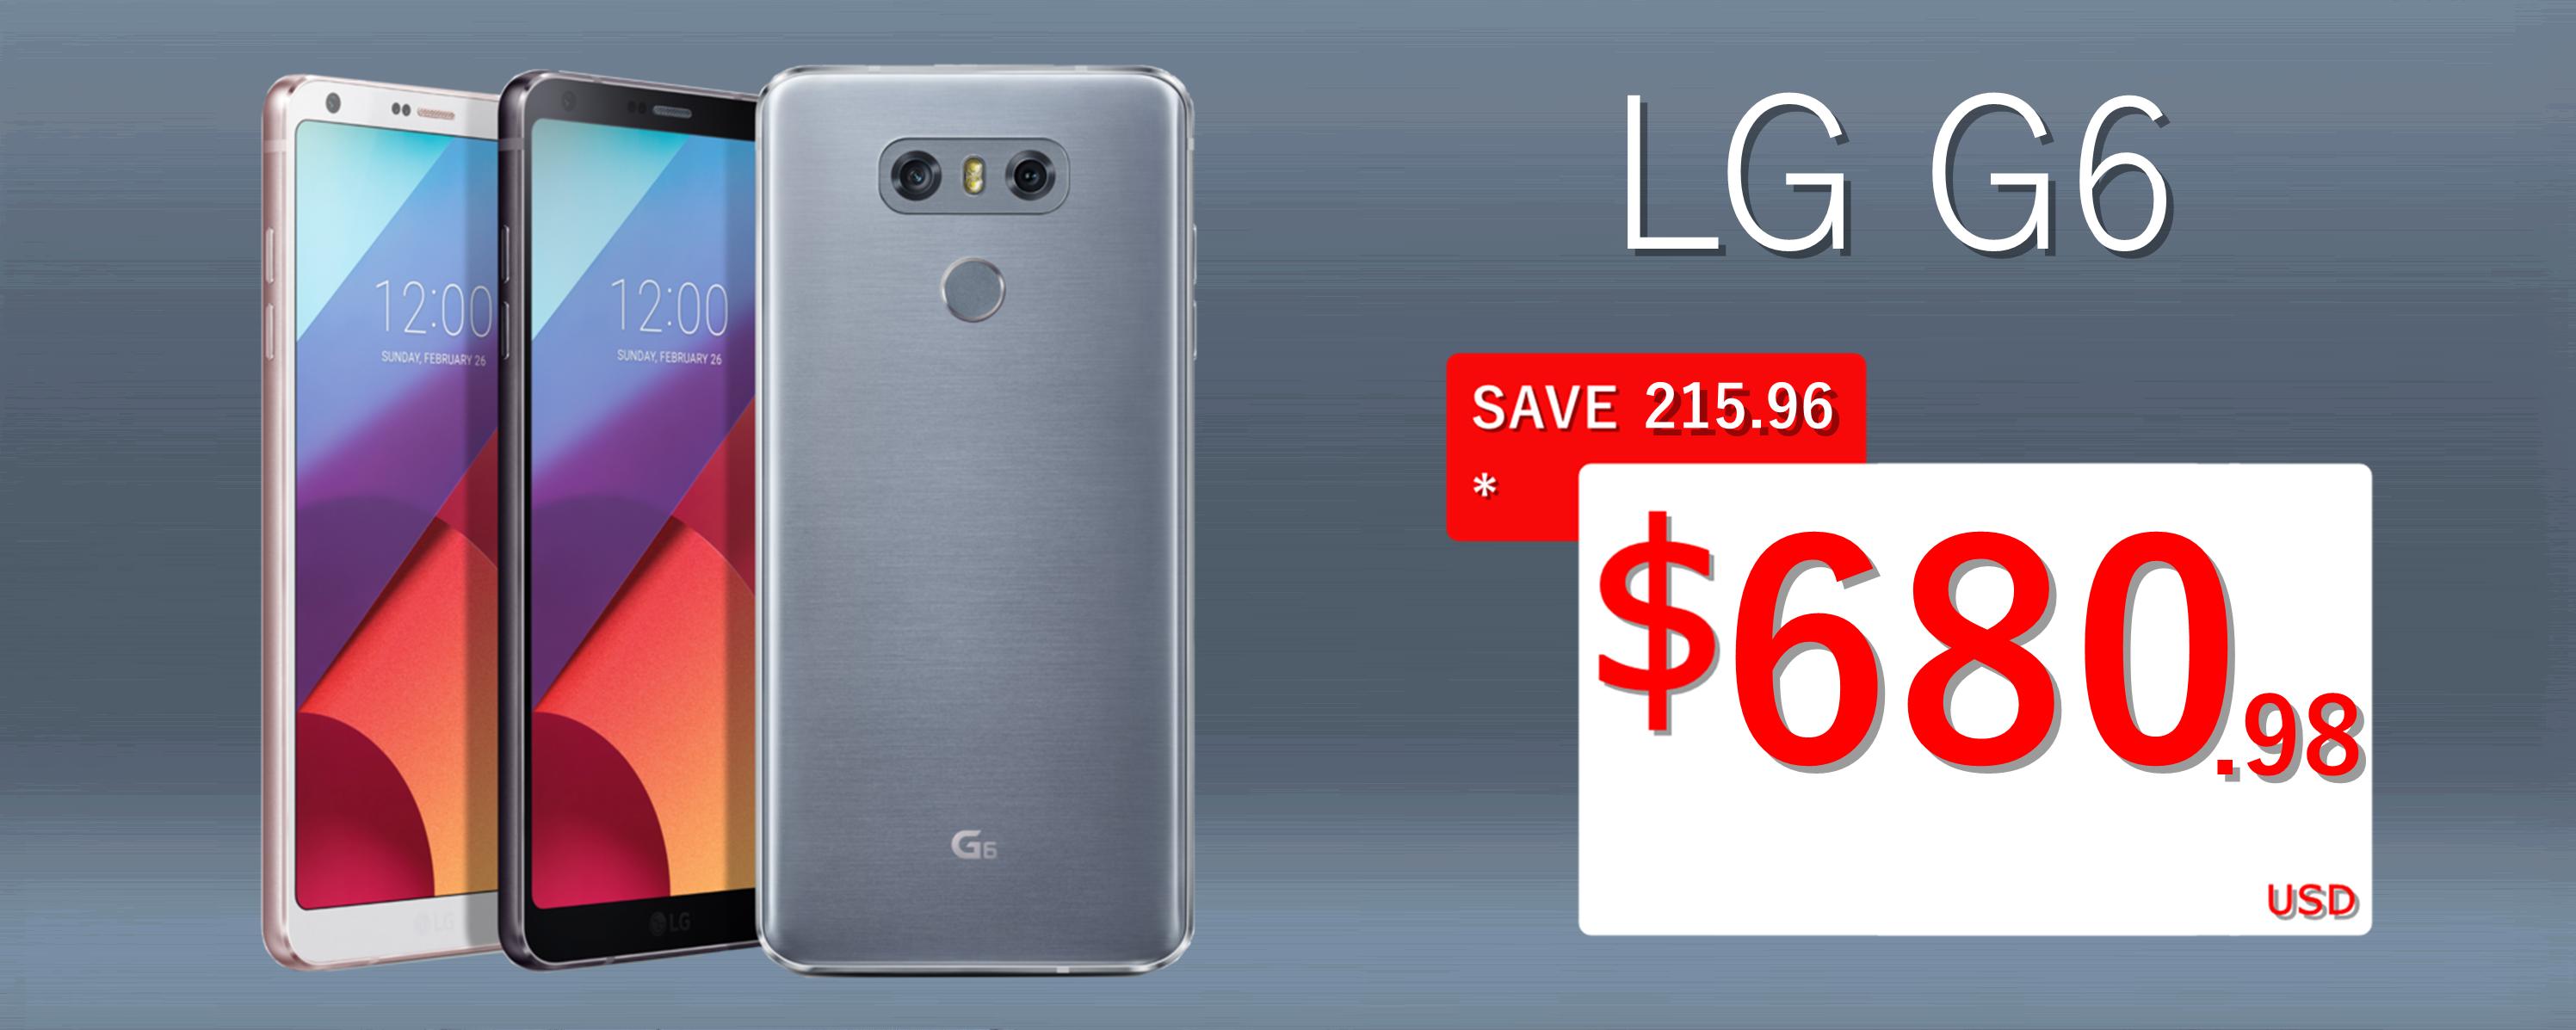 sale-lg-g6-bqshopestore.com.png